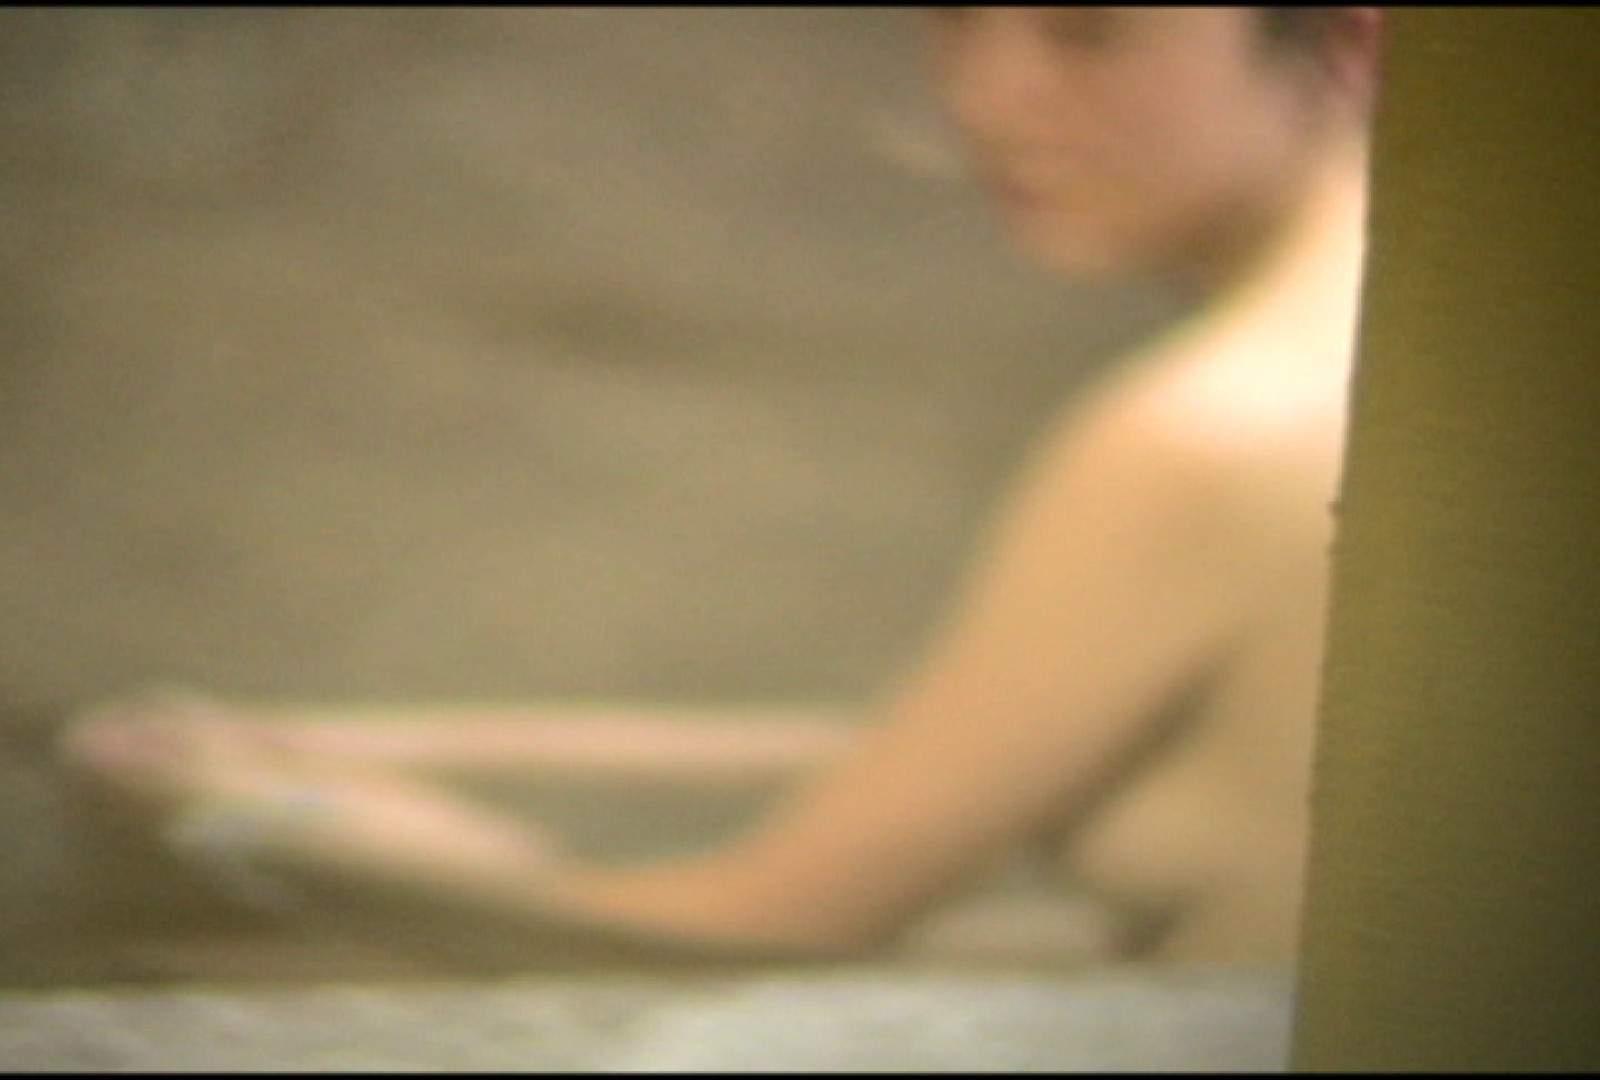 Aquaな露天風呂Vol.699 盗撮 覗きおまんこ画像 104連発 11